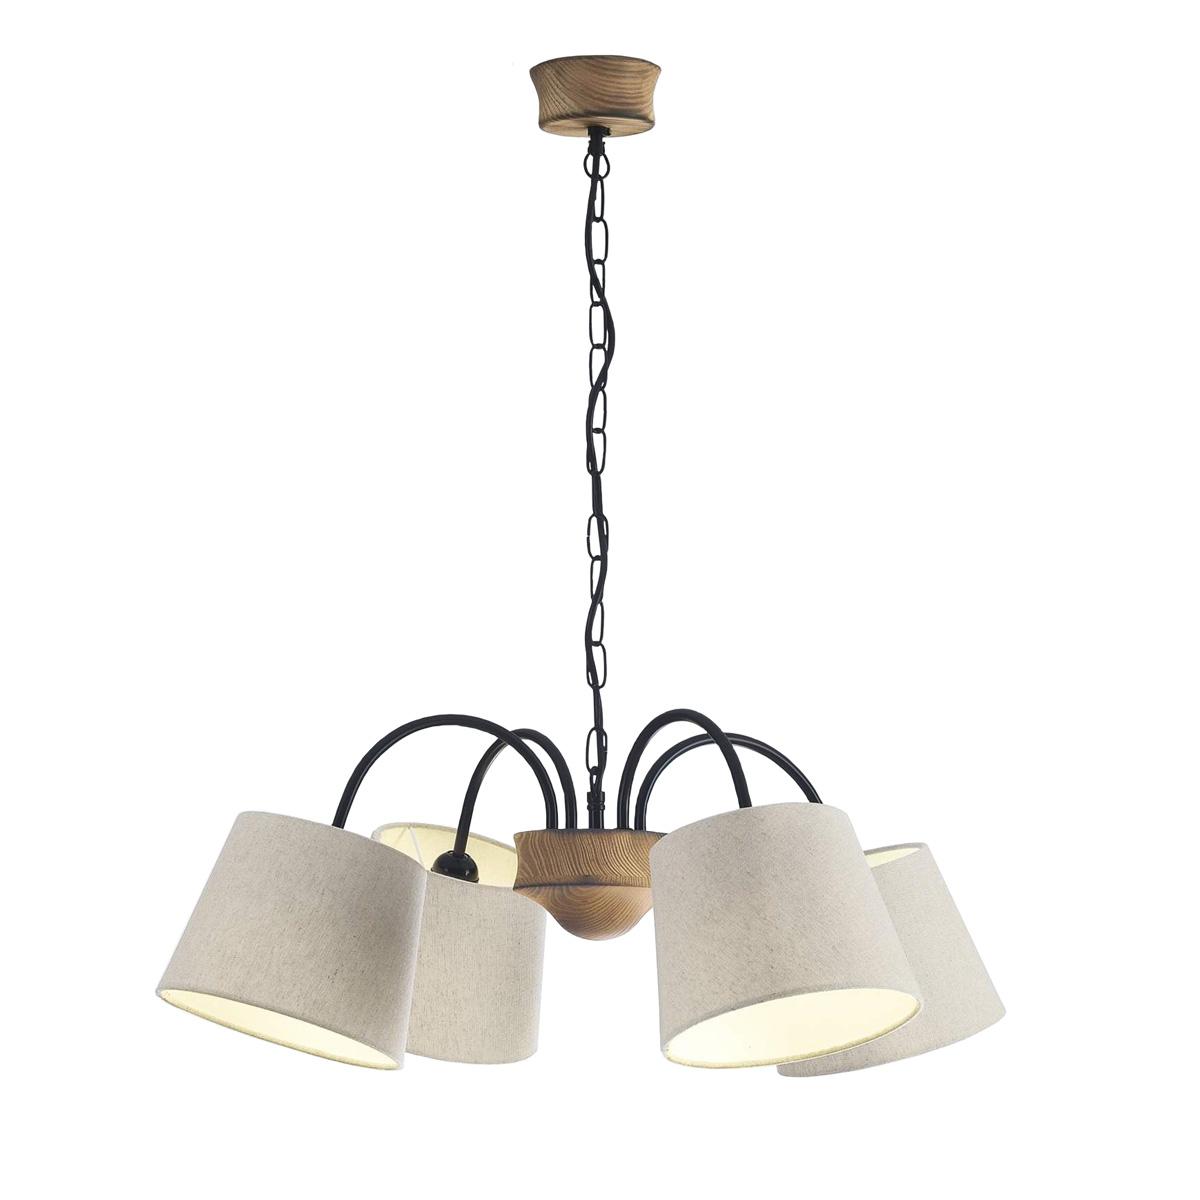 Φωτιστικό με ξύλο και μέταλλο BAMBOO light fixture with wood and metal